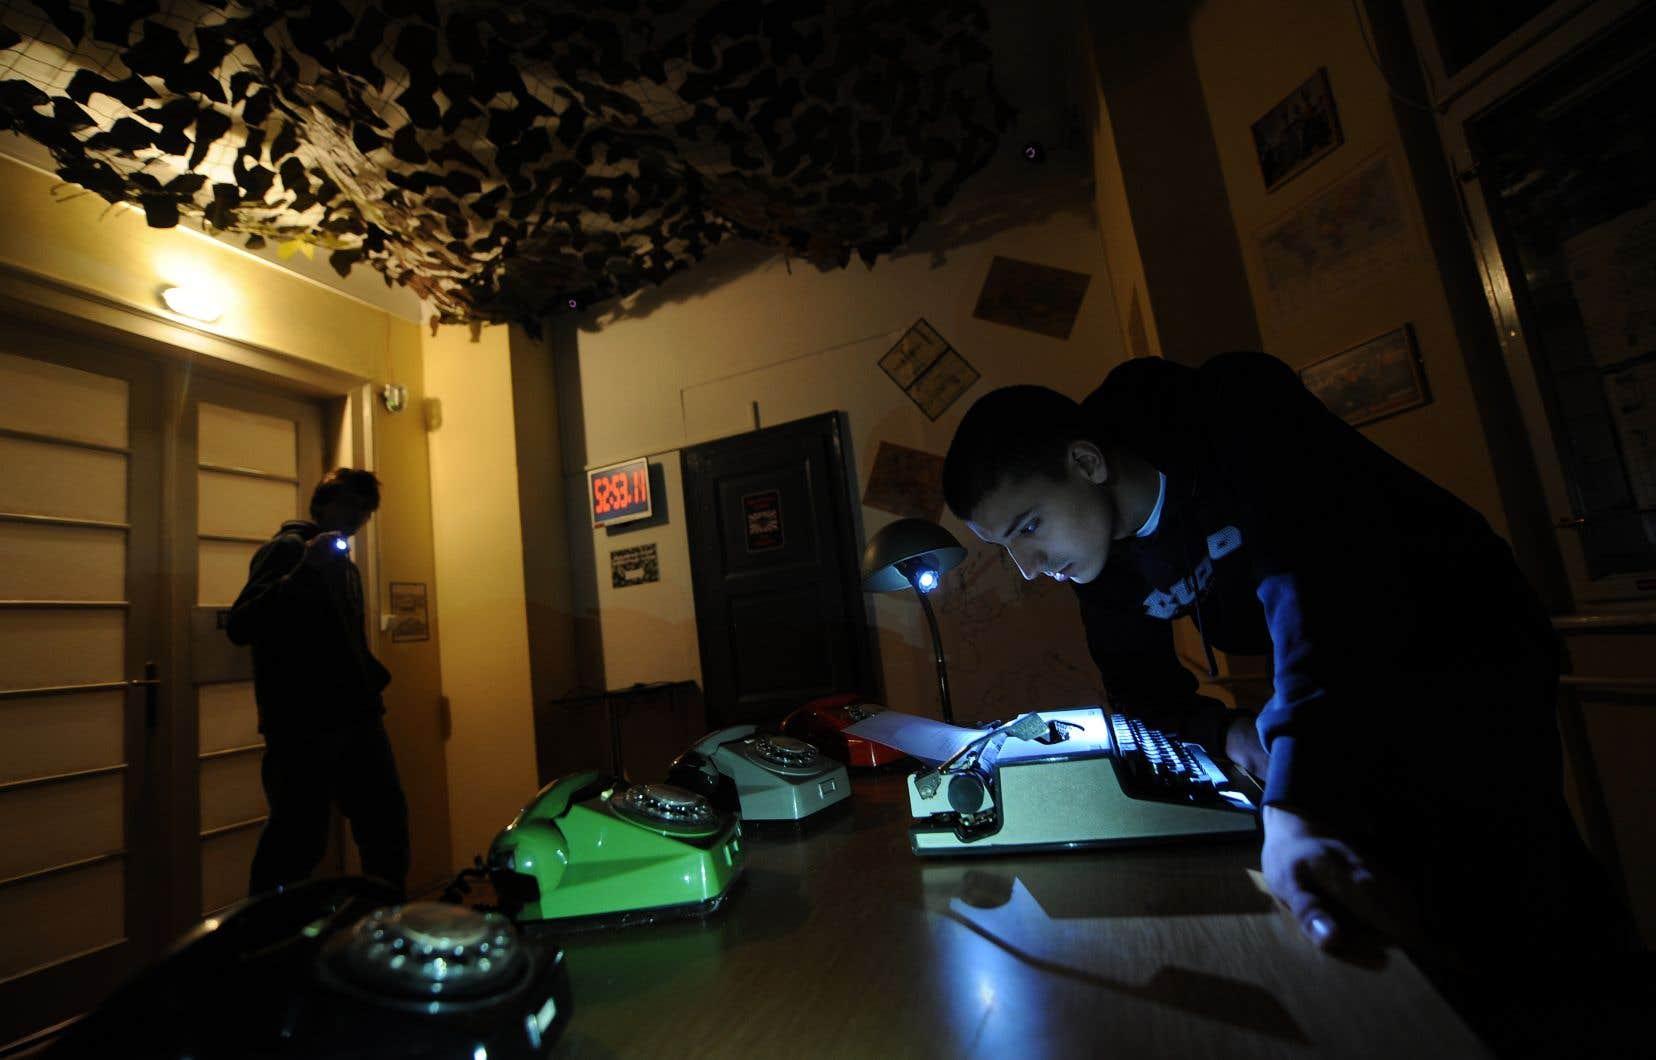 Des joueurs tentent de dénicher des indices dans une version grandeur nature du jeu d'évasion «Escape the room» à Novi Sad,en Serbie.